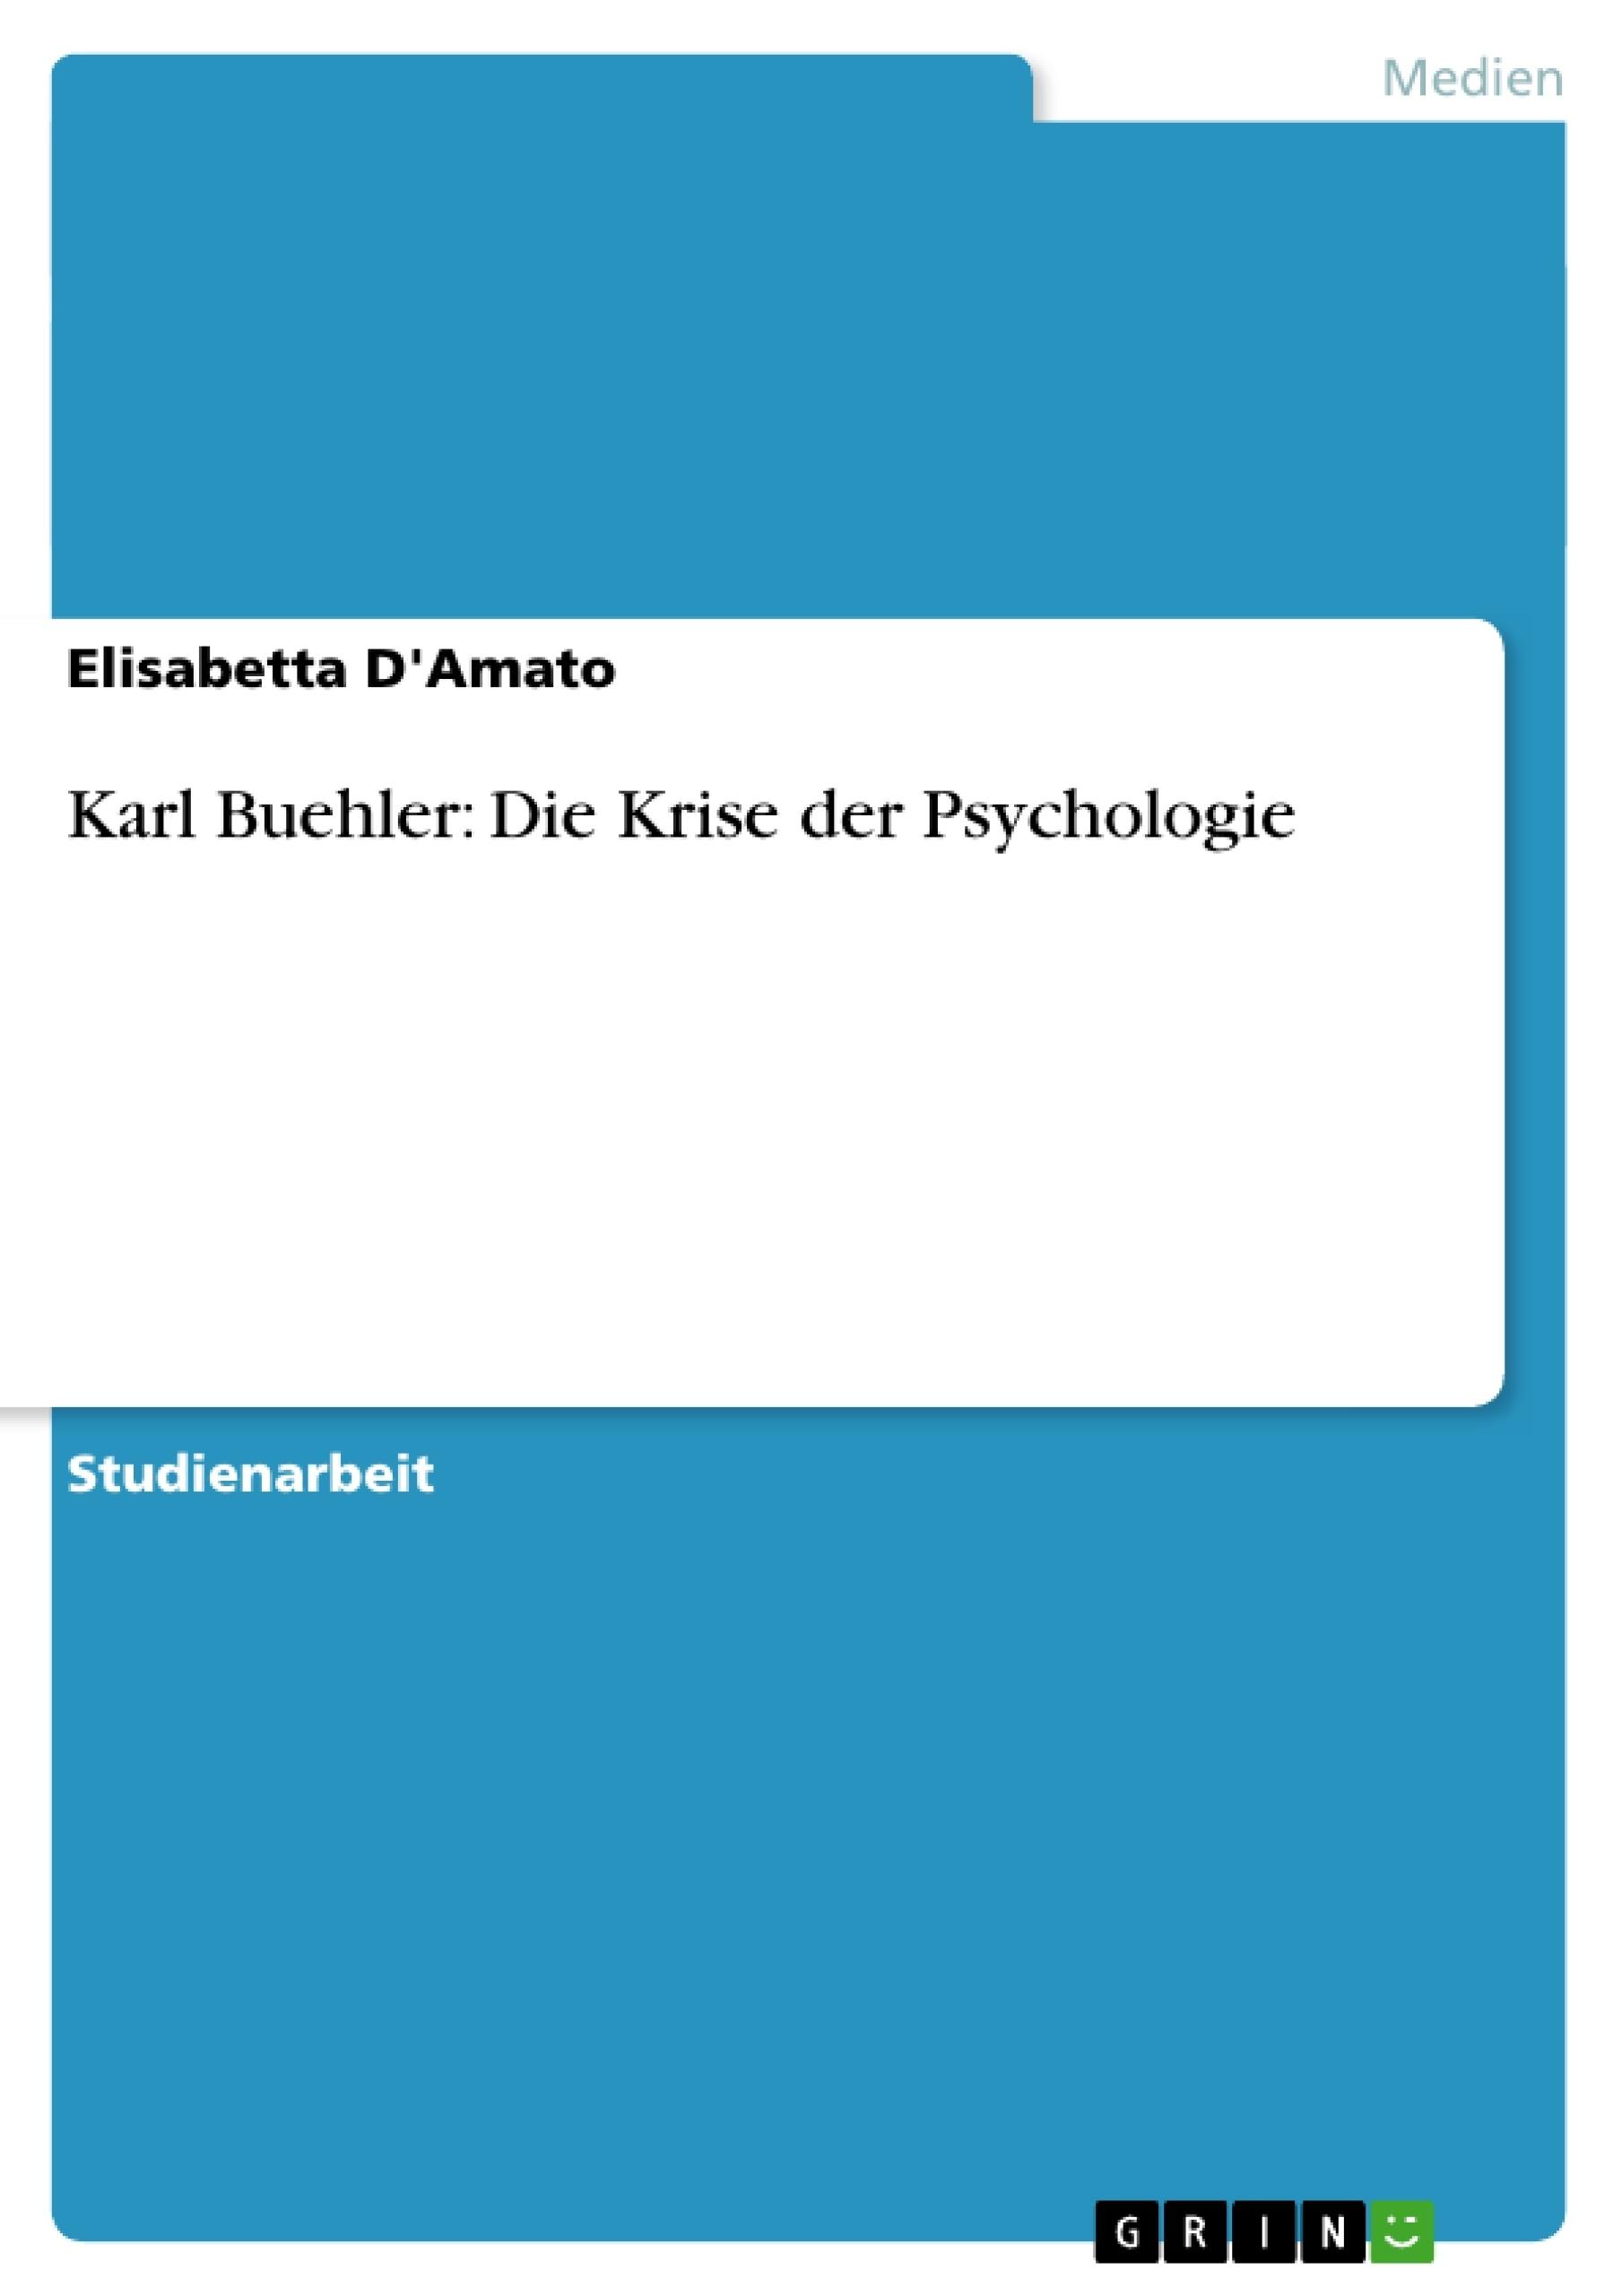 Titel: Karl Buehler: Die Krise der Psychologie